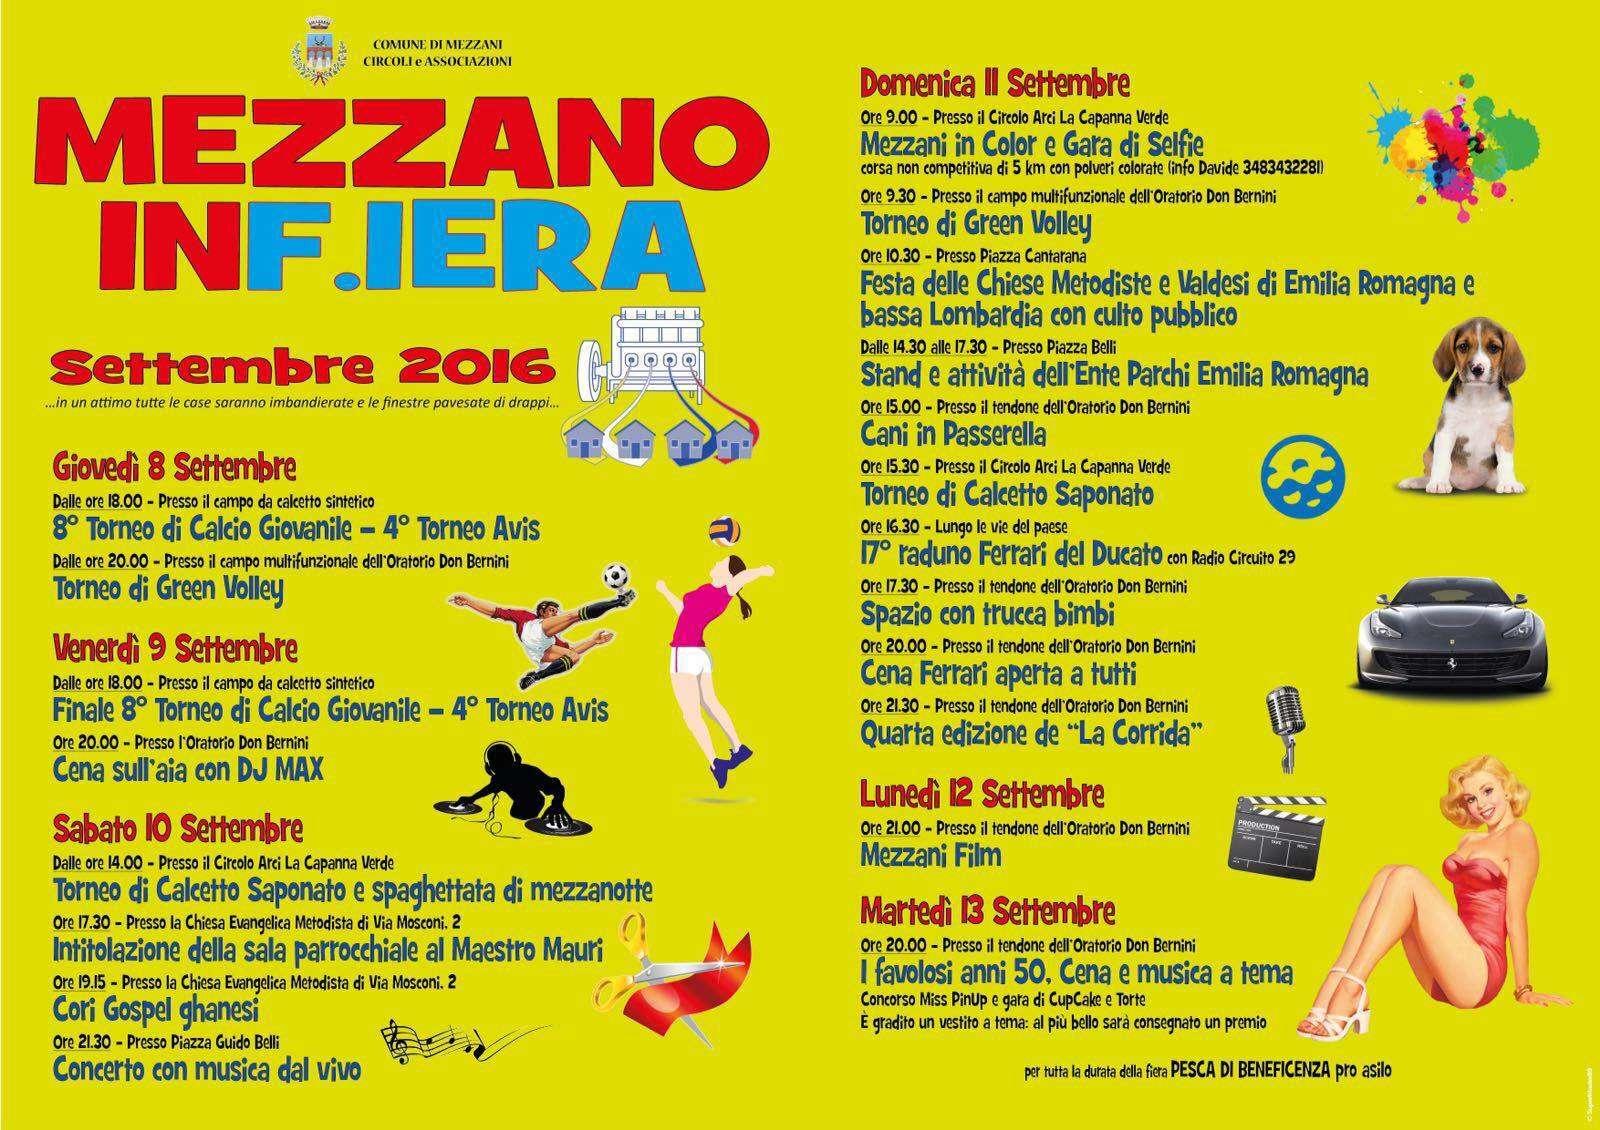 MEZZANO INF.IERA -9 Settembre 2016 - by MAX TESTA Mezzan10